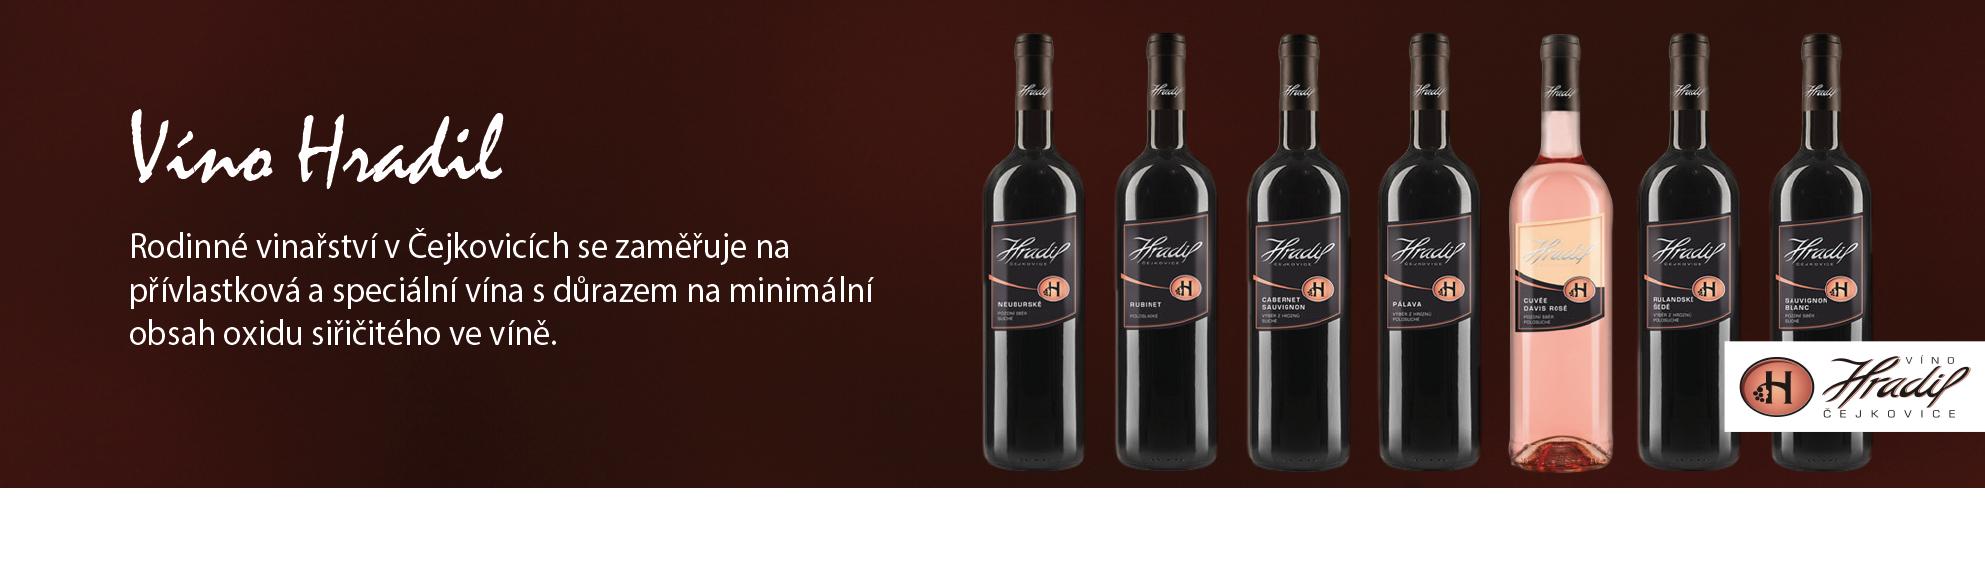 Víno Hradil